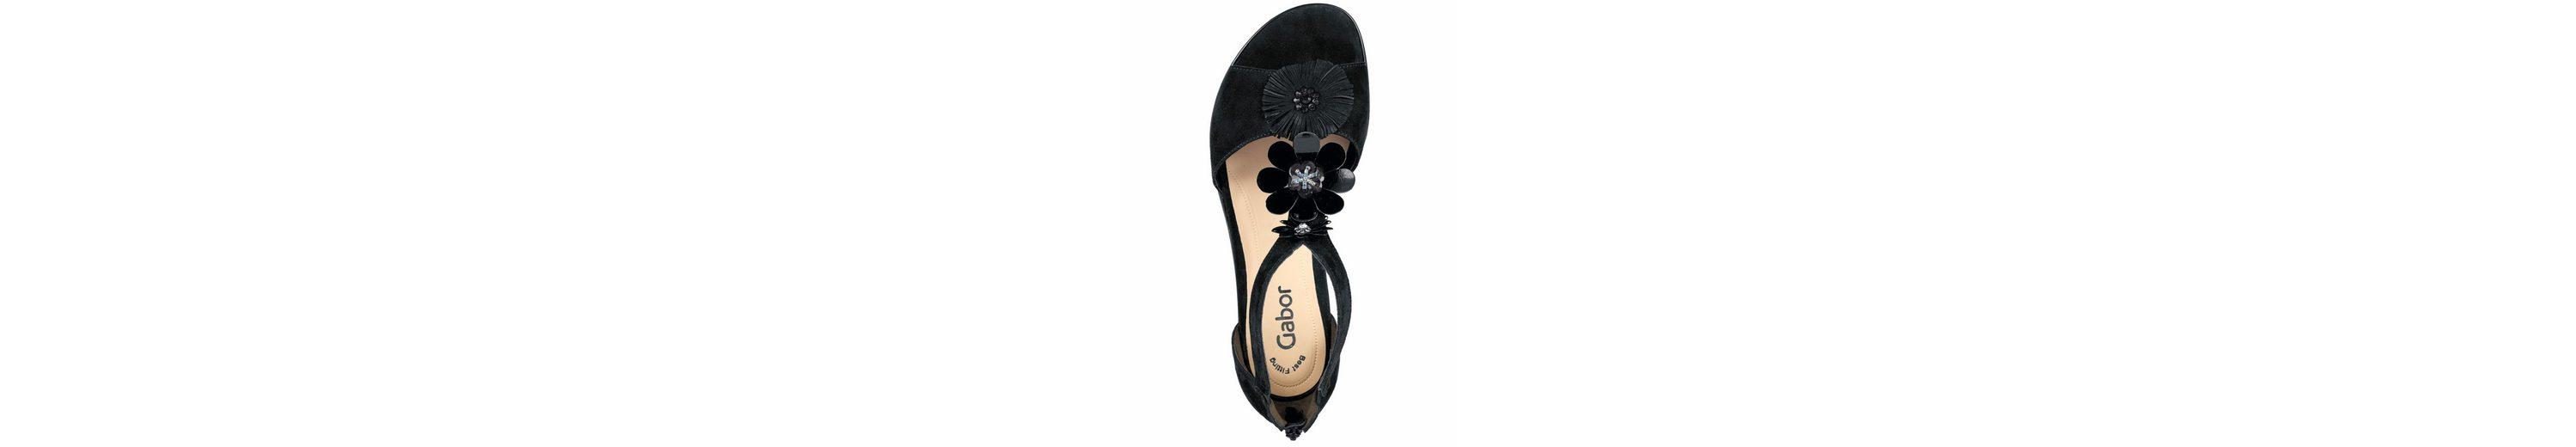 Freies Verschiffen Besuch Neu GABOR Sandalette mit Blütenapplikationen Anzuzeigen Günstigen Preis Neuesten Kollektionen LoWaiy2bE2